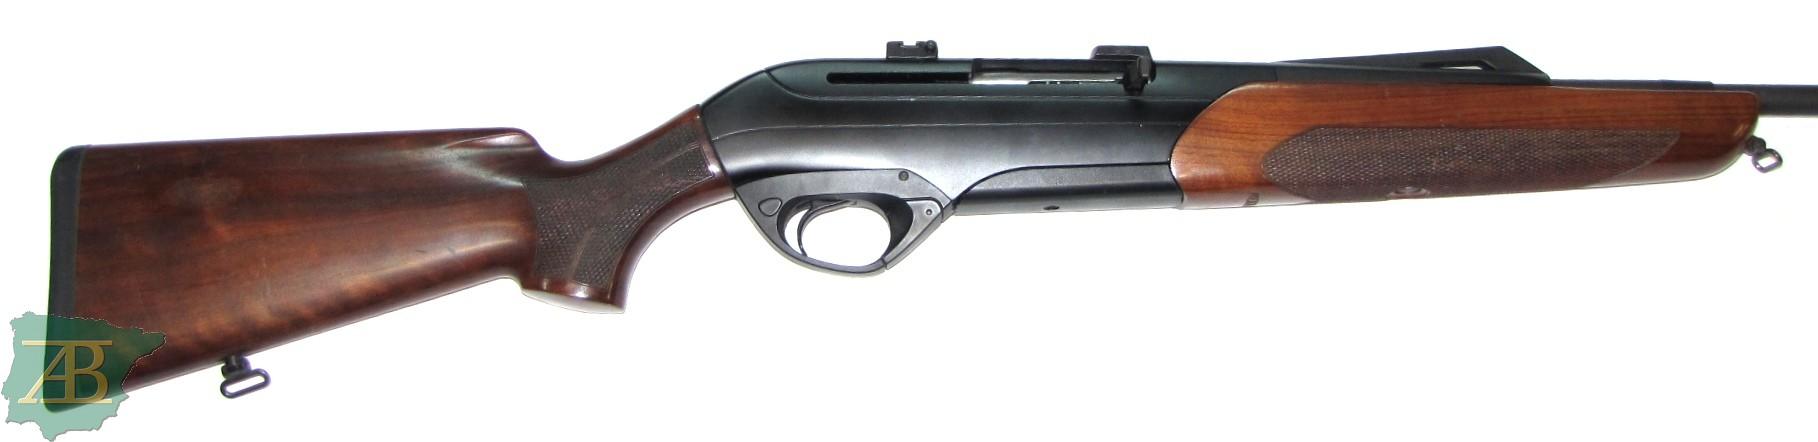 Rifle de semiautomático MERKEL SR1 Ref 5509-armeriaiberica-2